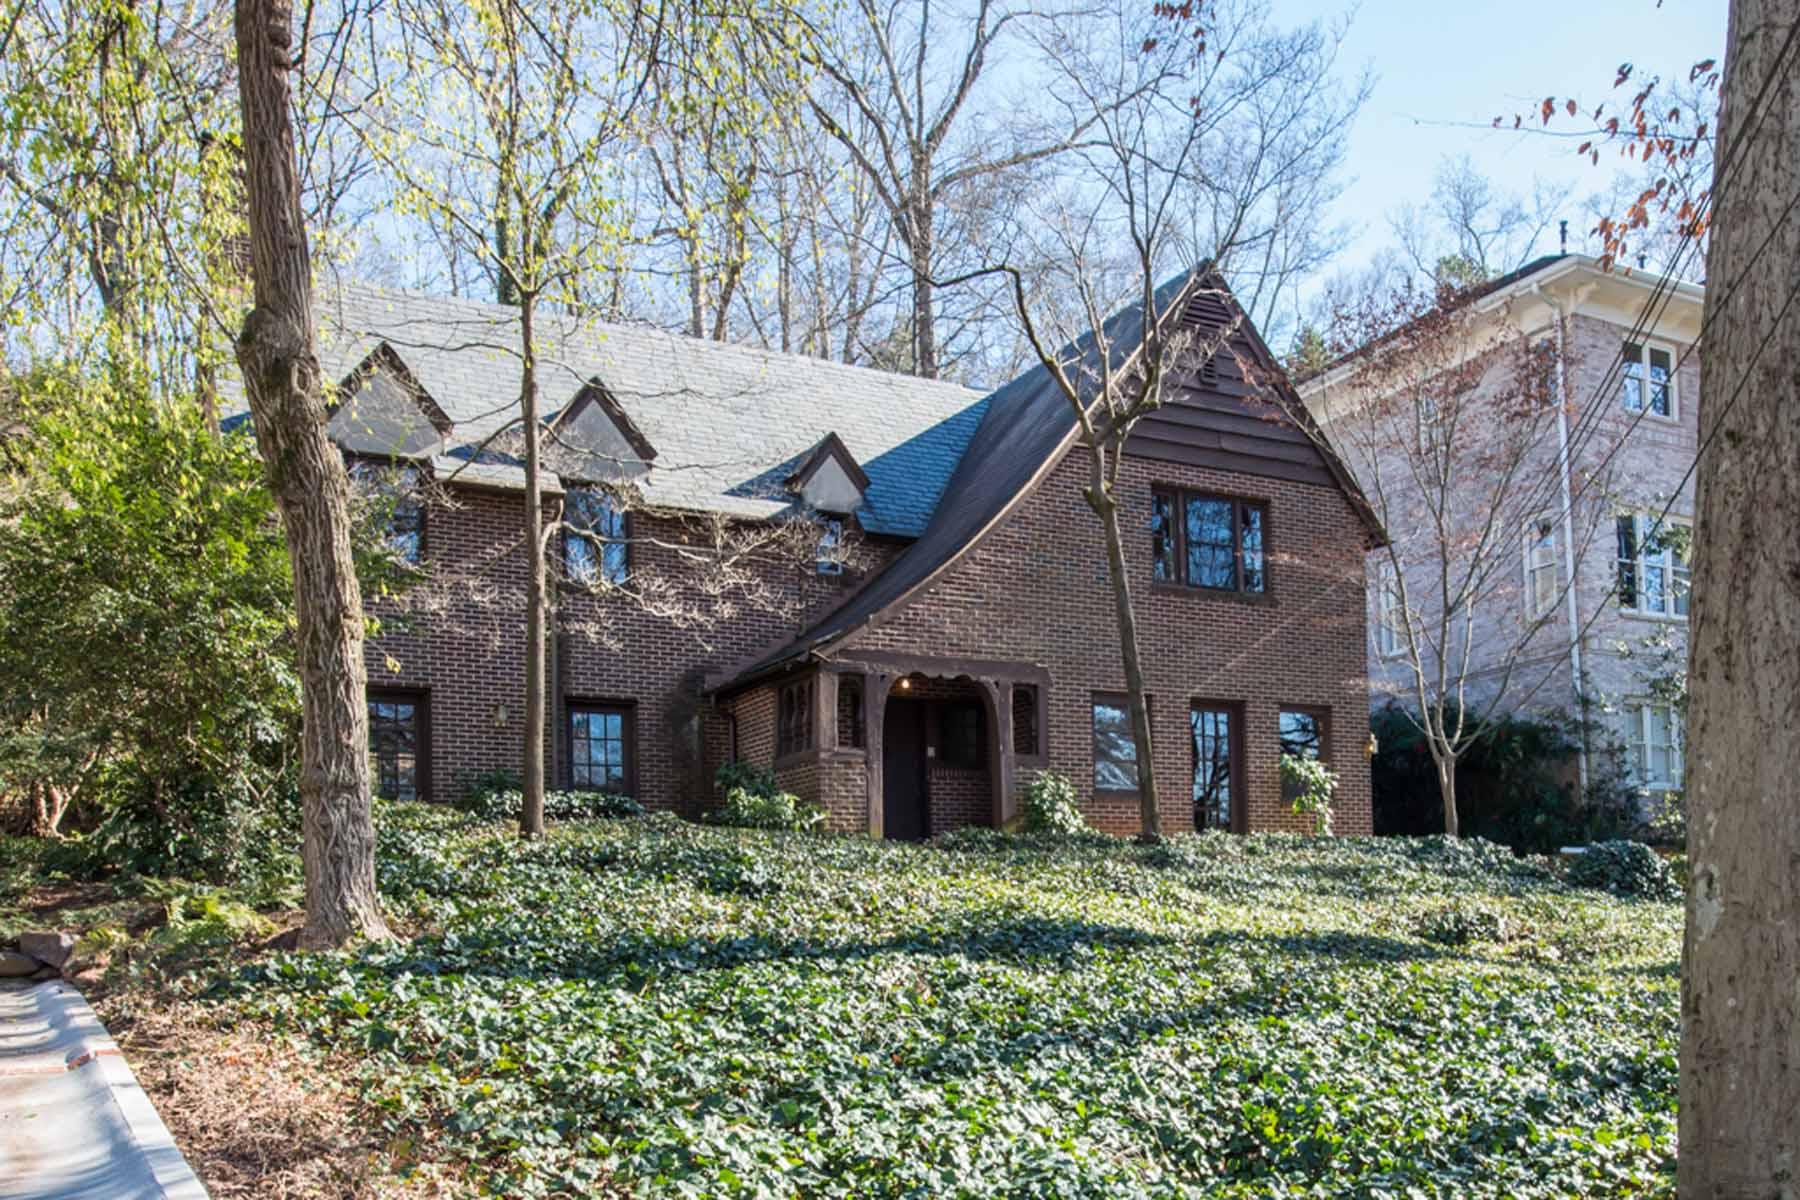 단독 가정 주택 용 매매 에 Historic 1924 Custom Built Tudor on estate lot with authentic Tudor architecture 941 Clifton Road Druid Hills, Atlanta, 조지아, 30307 미국